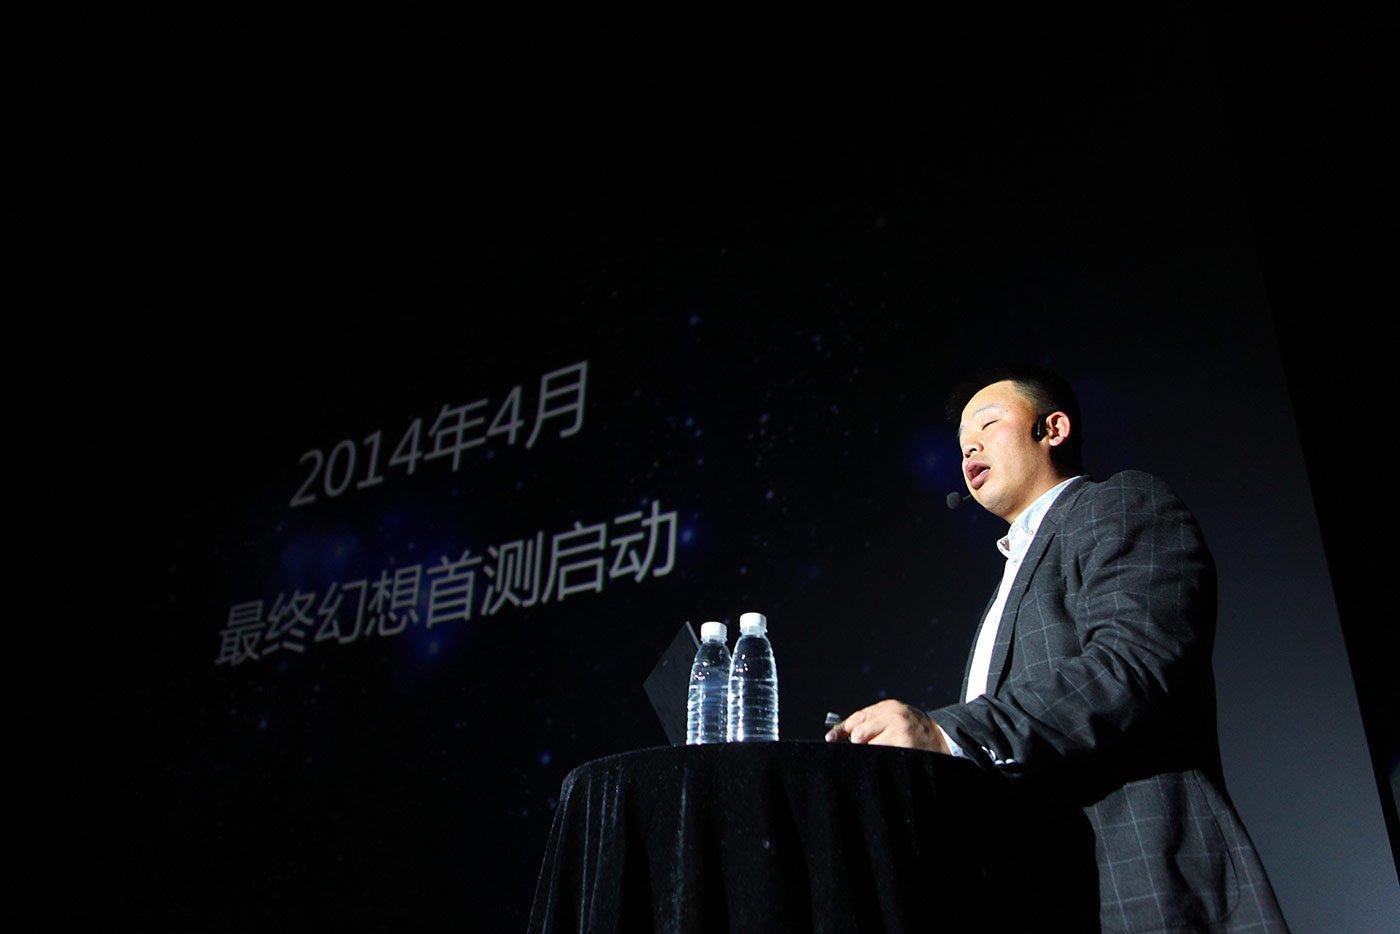 中国では2014年4月からβテストを開始